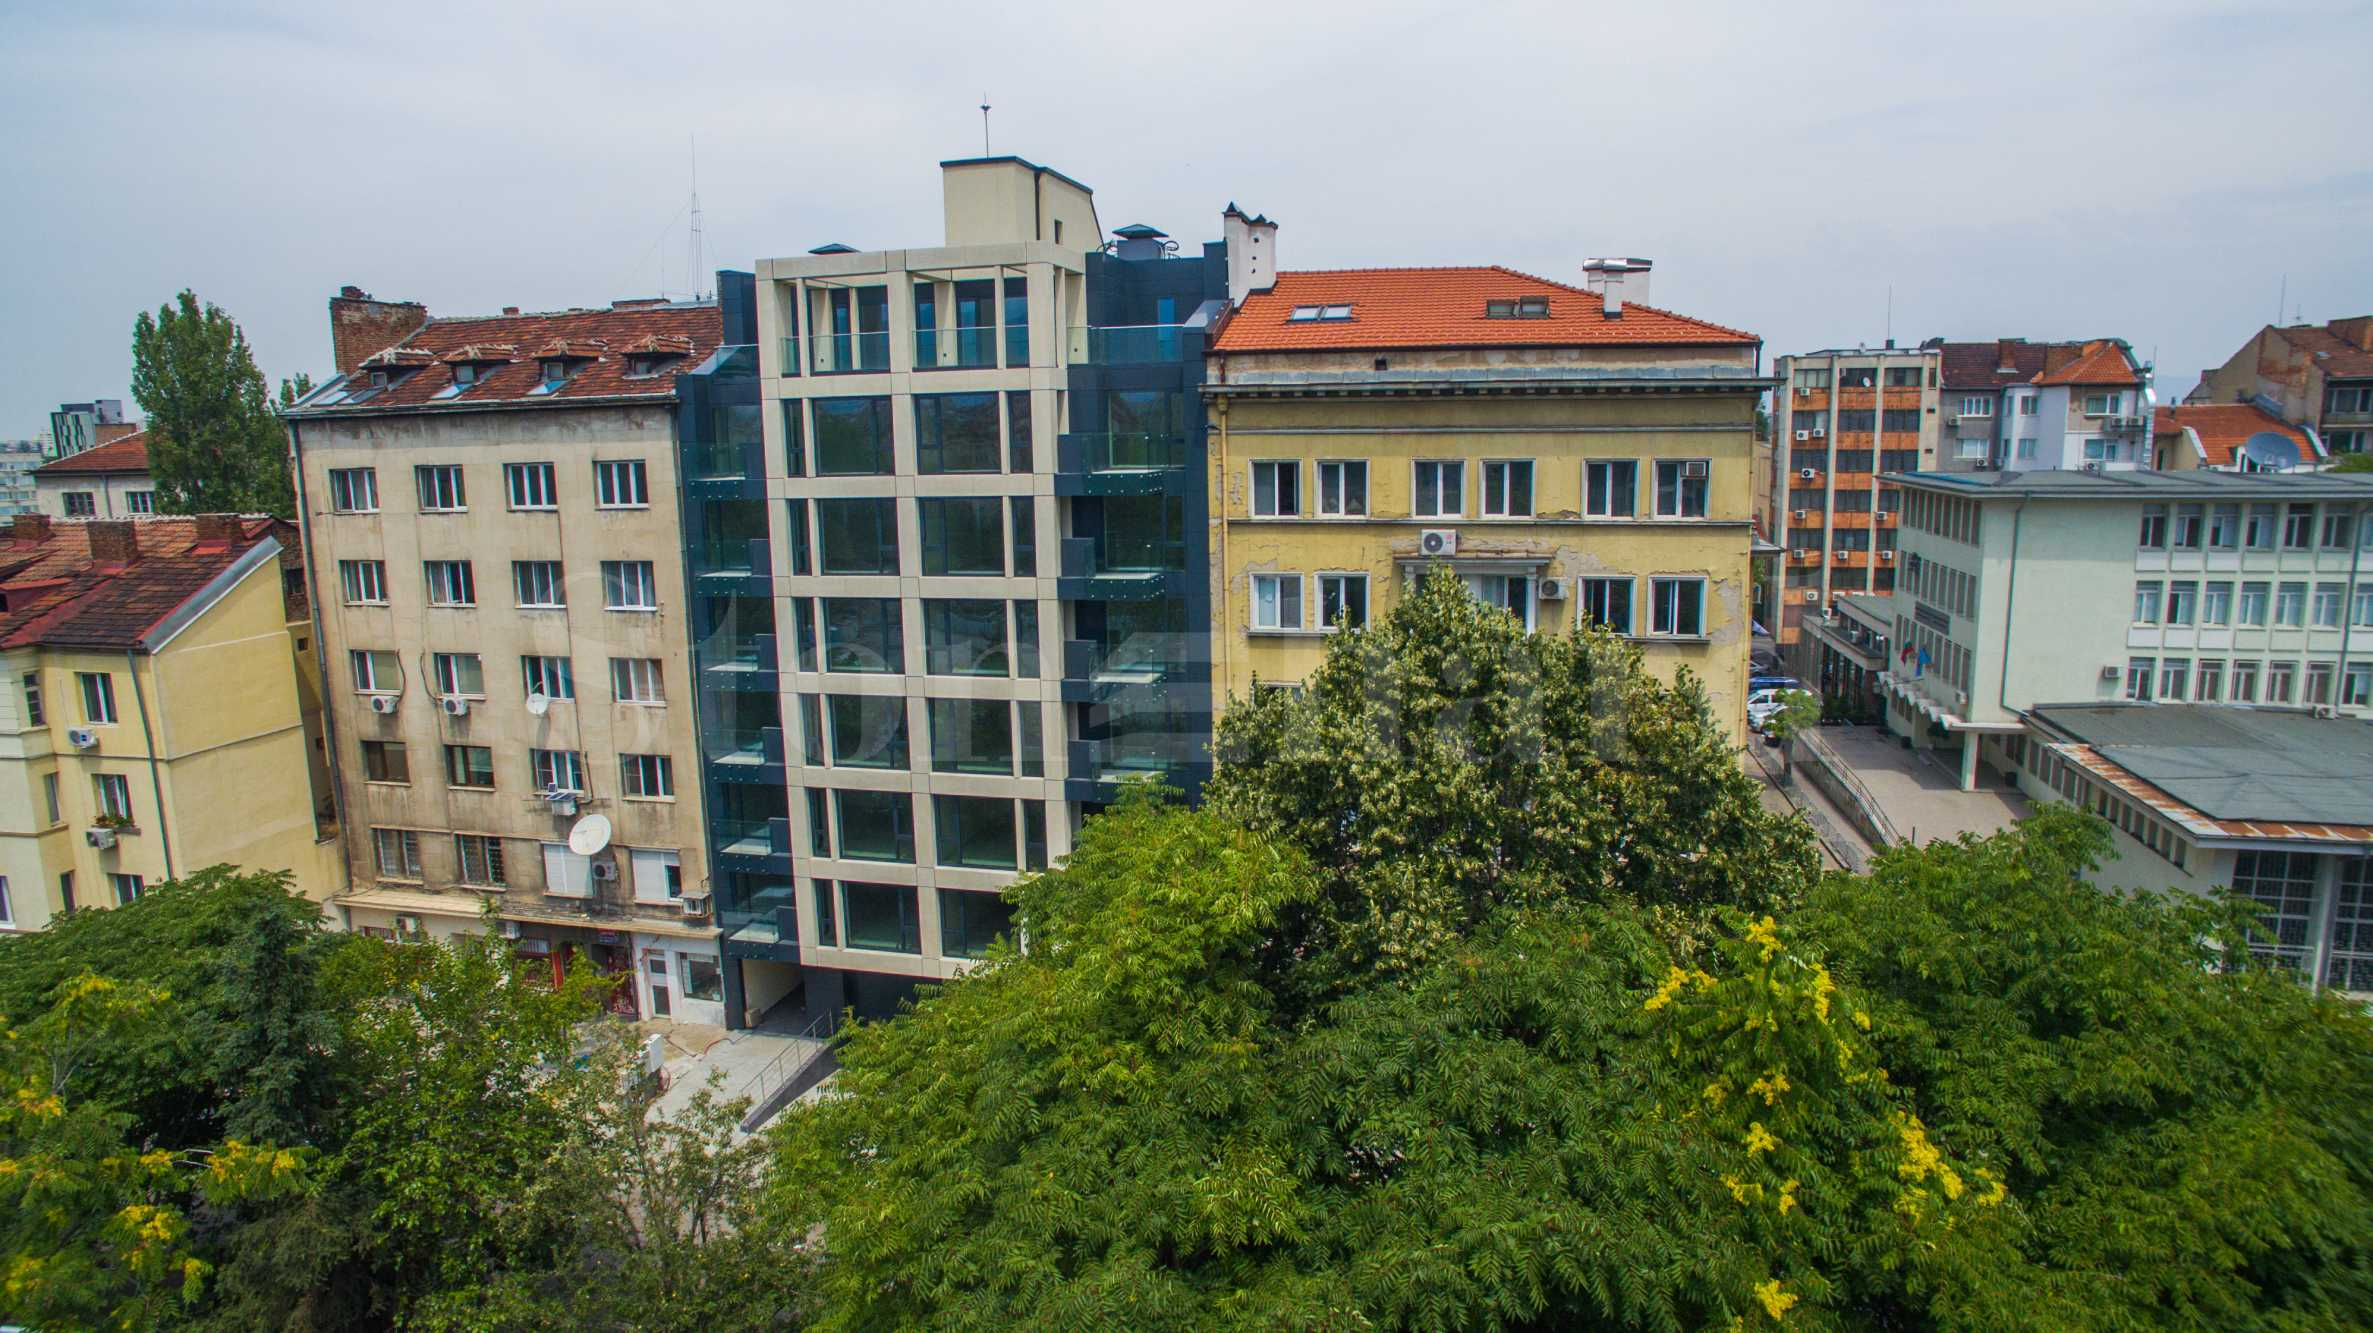 Последен 3-стаен апартамент и магазин в сграда с Акт 16 до Съдебната палата1 - Stonehard